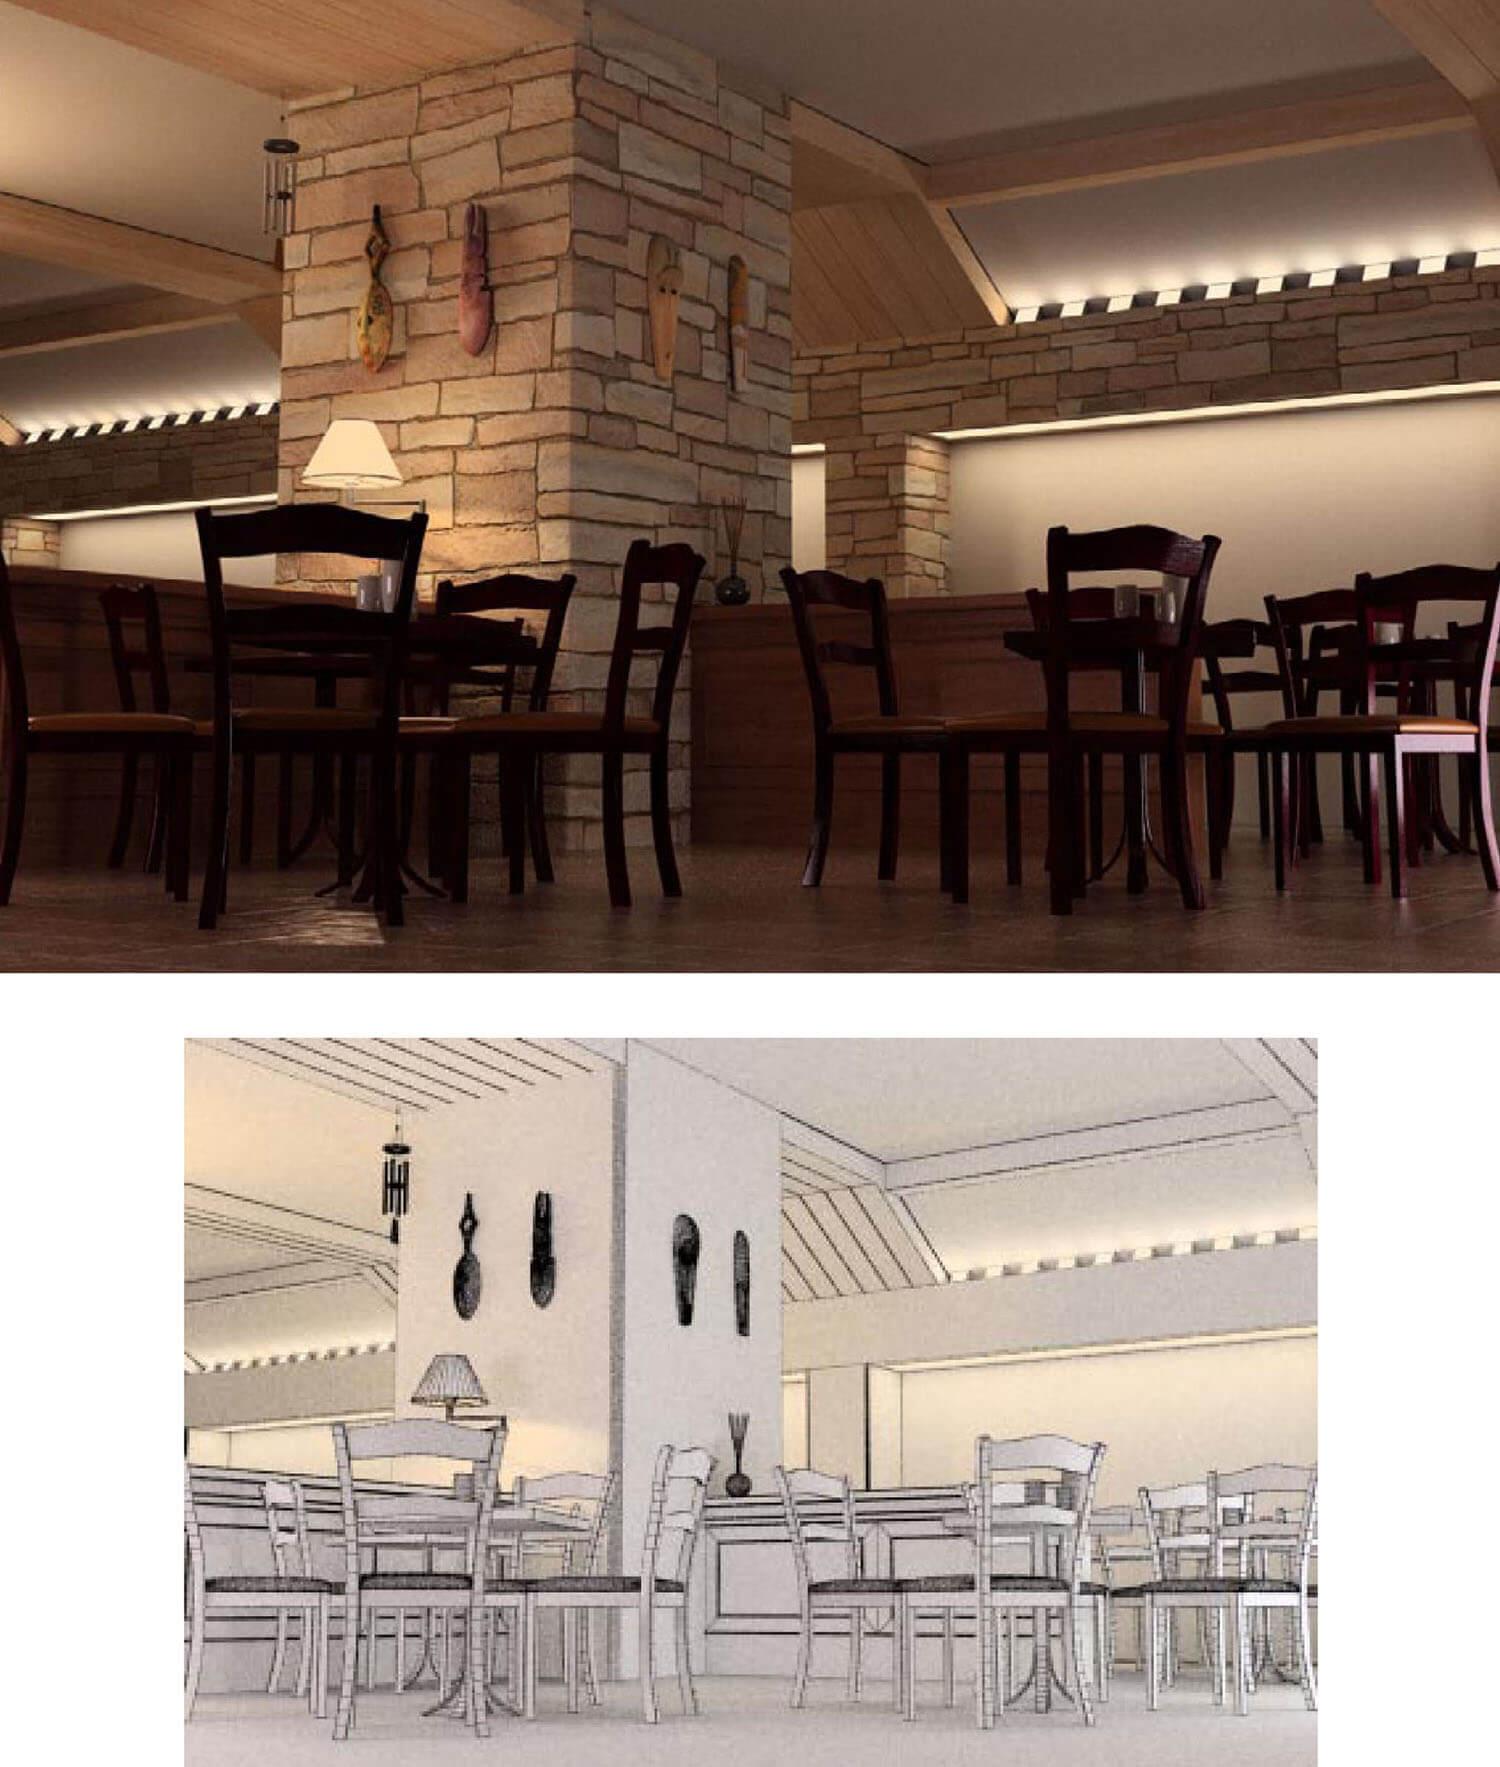 Nội thất quán cafe kiểu quán bar hầm rượu cổ